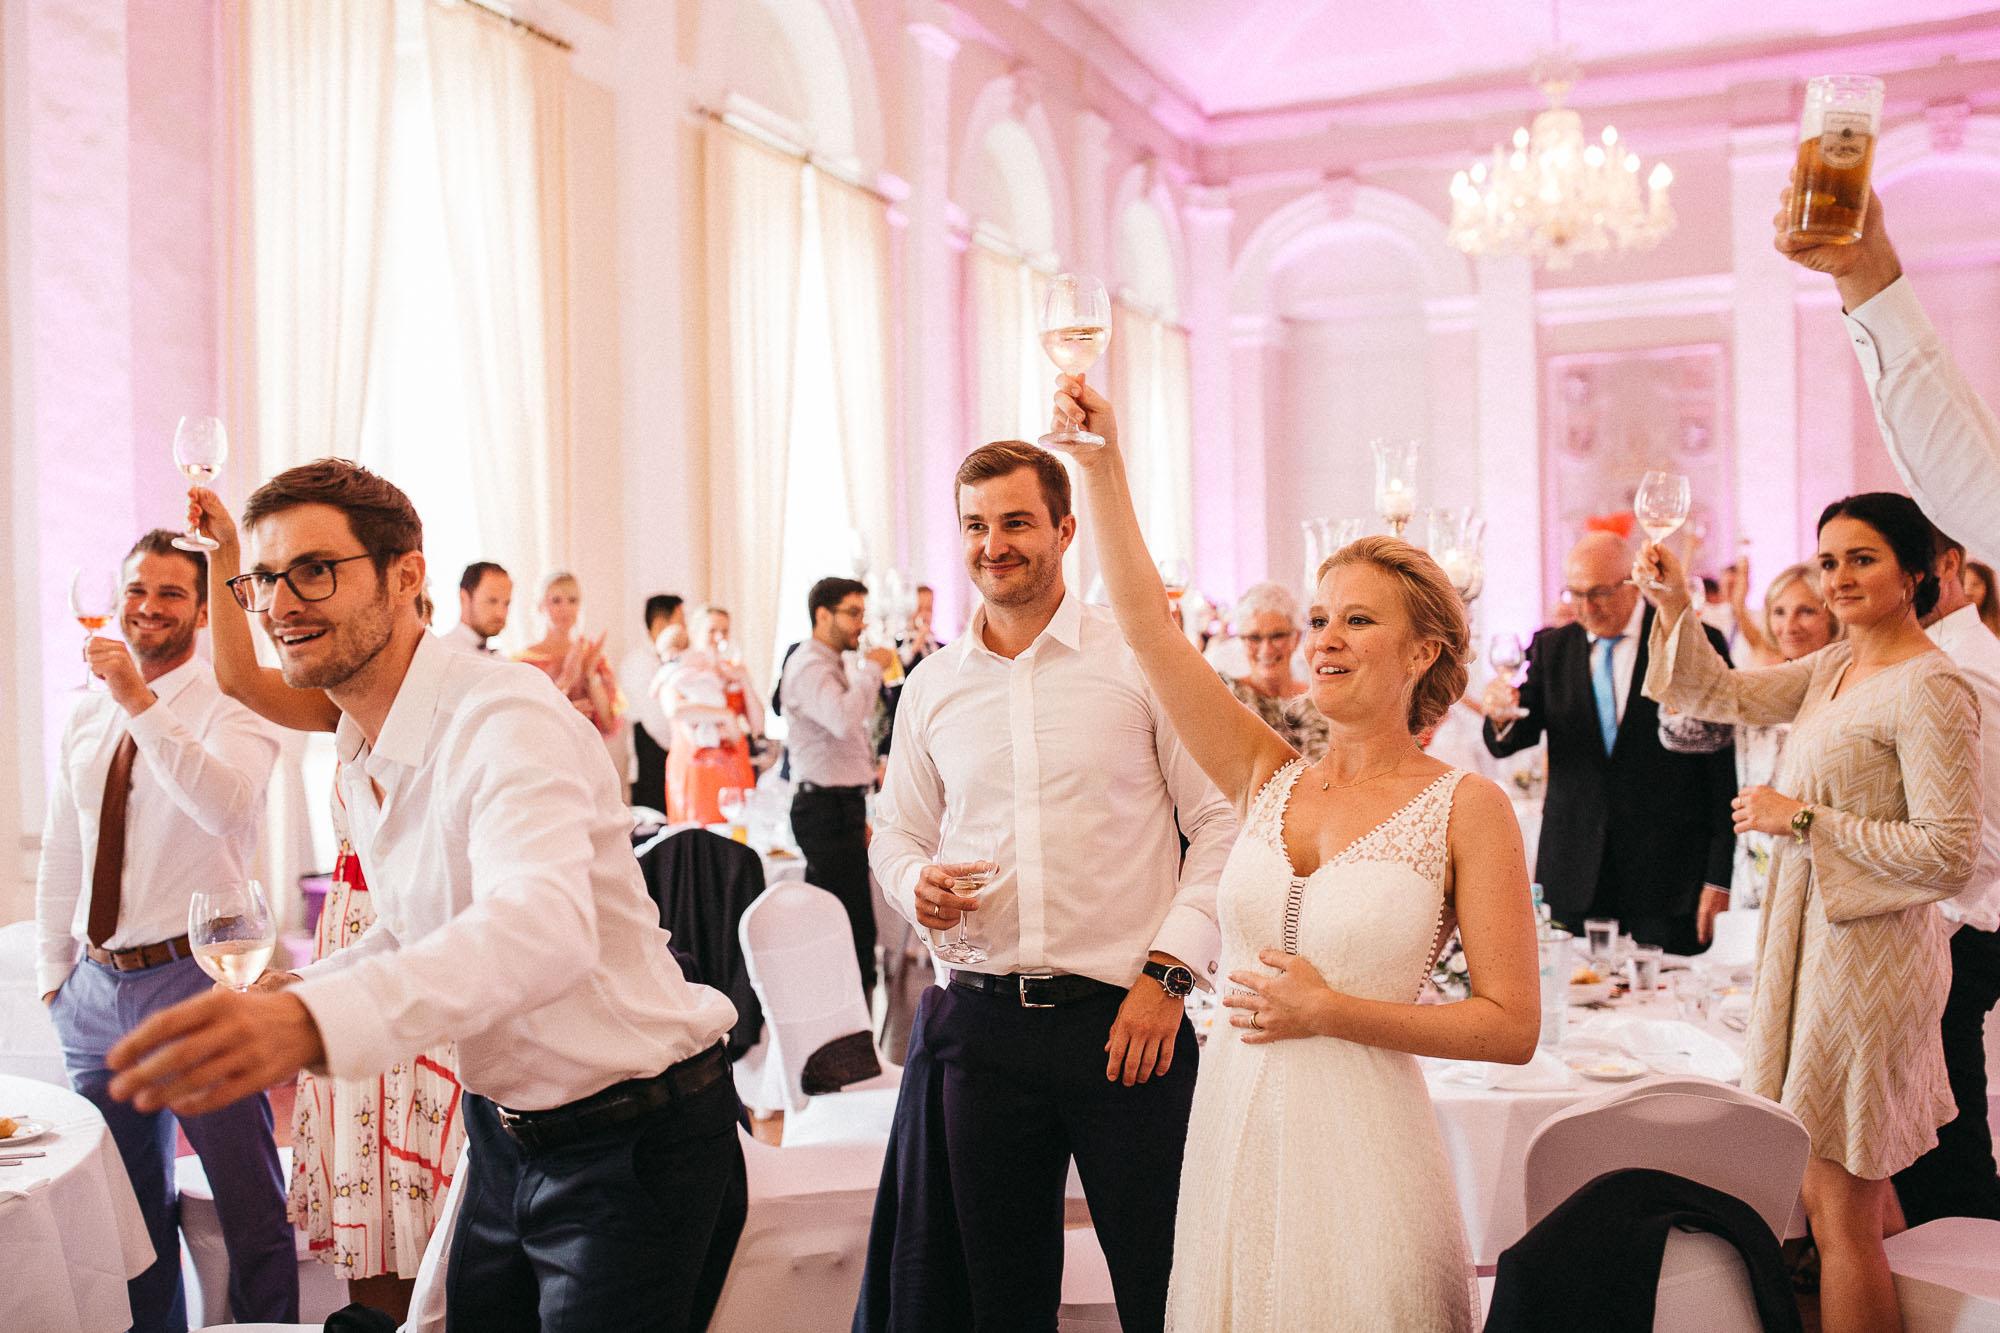 Traumhafte Hochzeitslocation in Rheinland-Pfalz - Kloster Machern